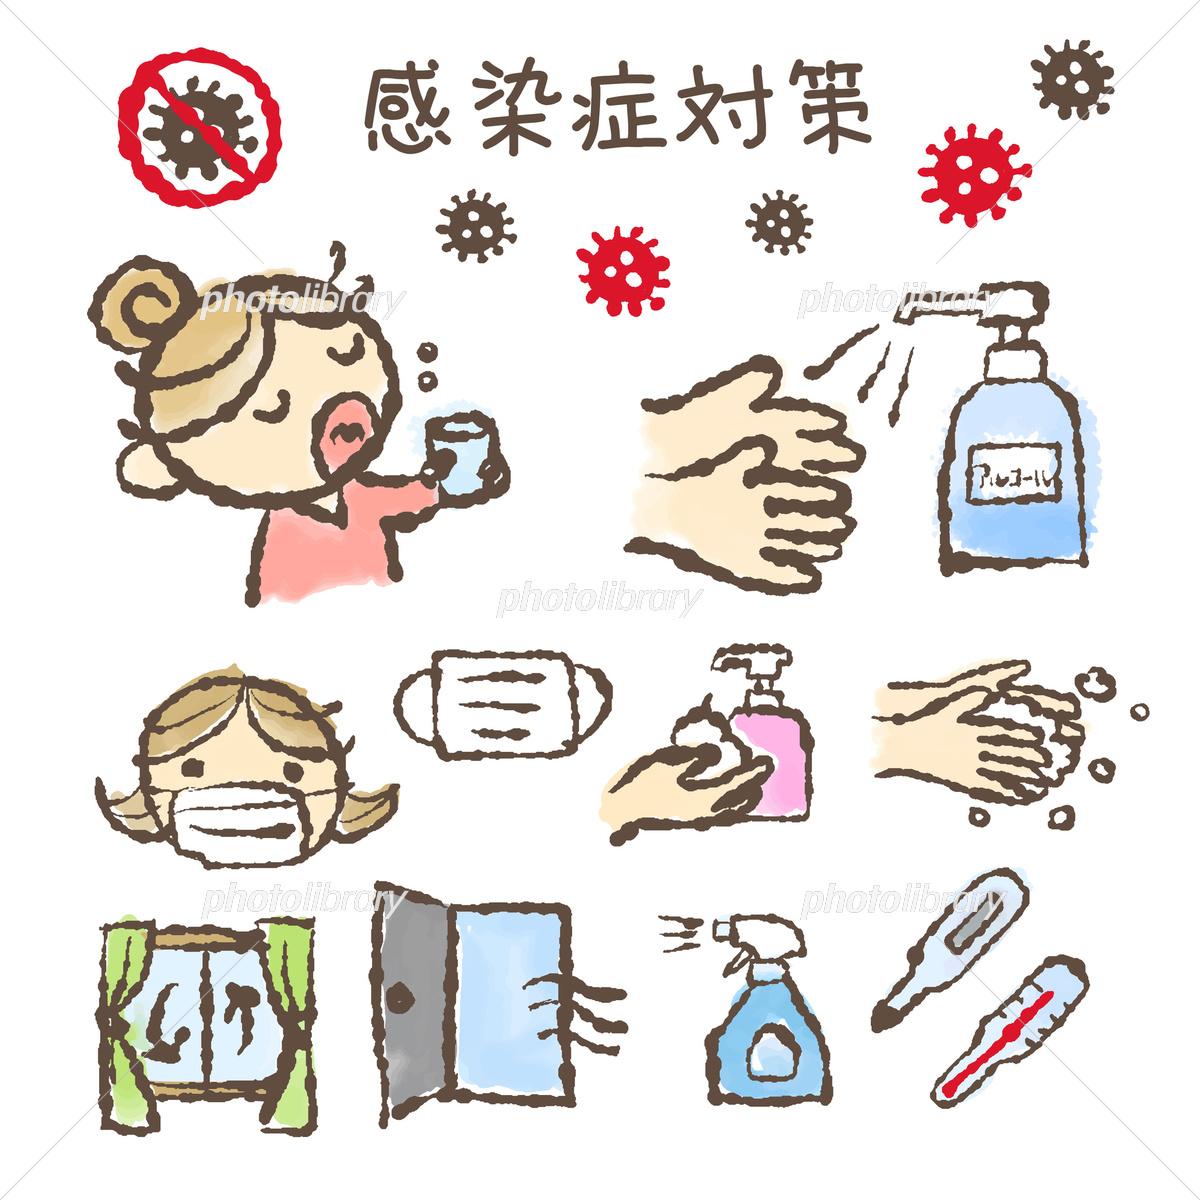 アルコール 消毒 マスク